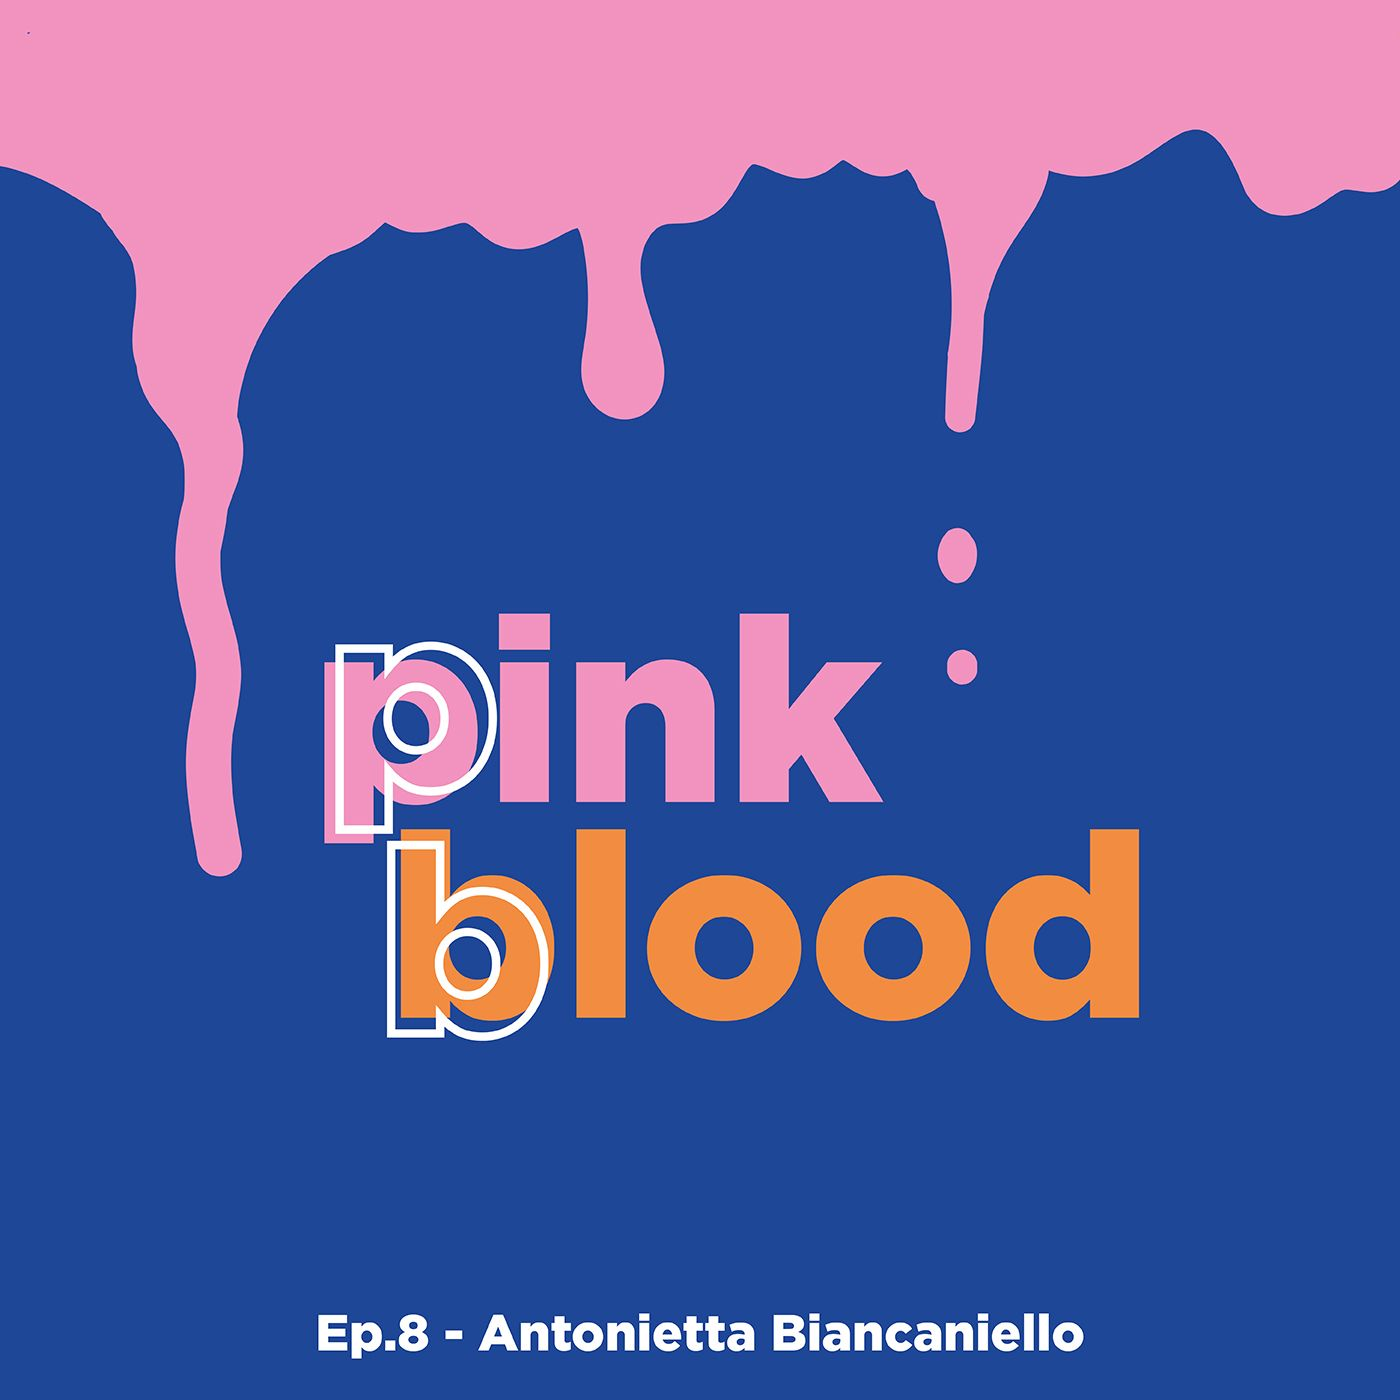 Antonietta Biancaniello